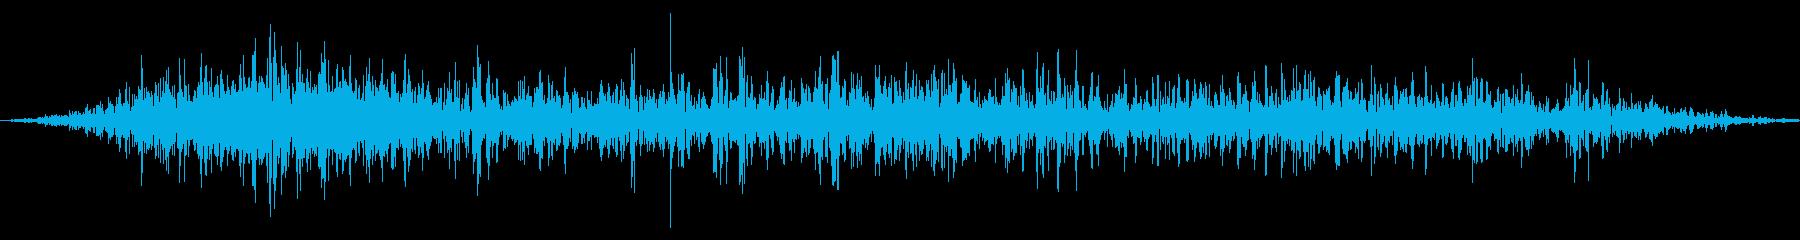 ハードレザー:ショートスクラッチの再生済みの波形